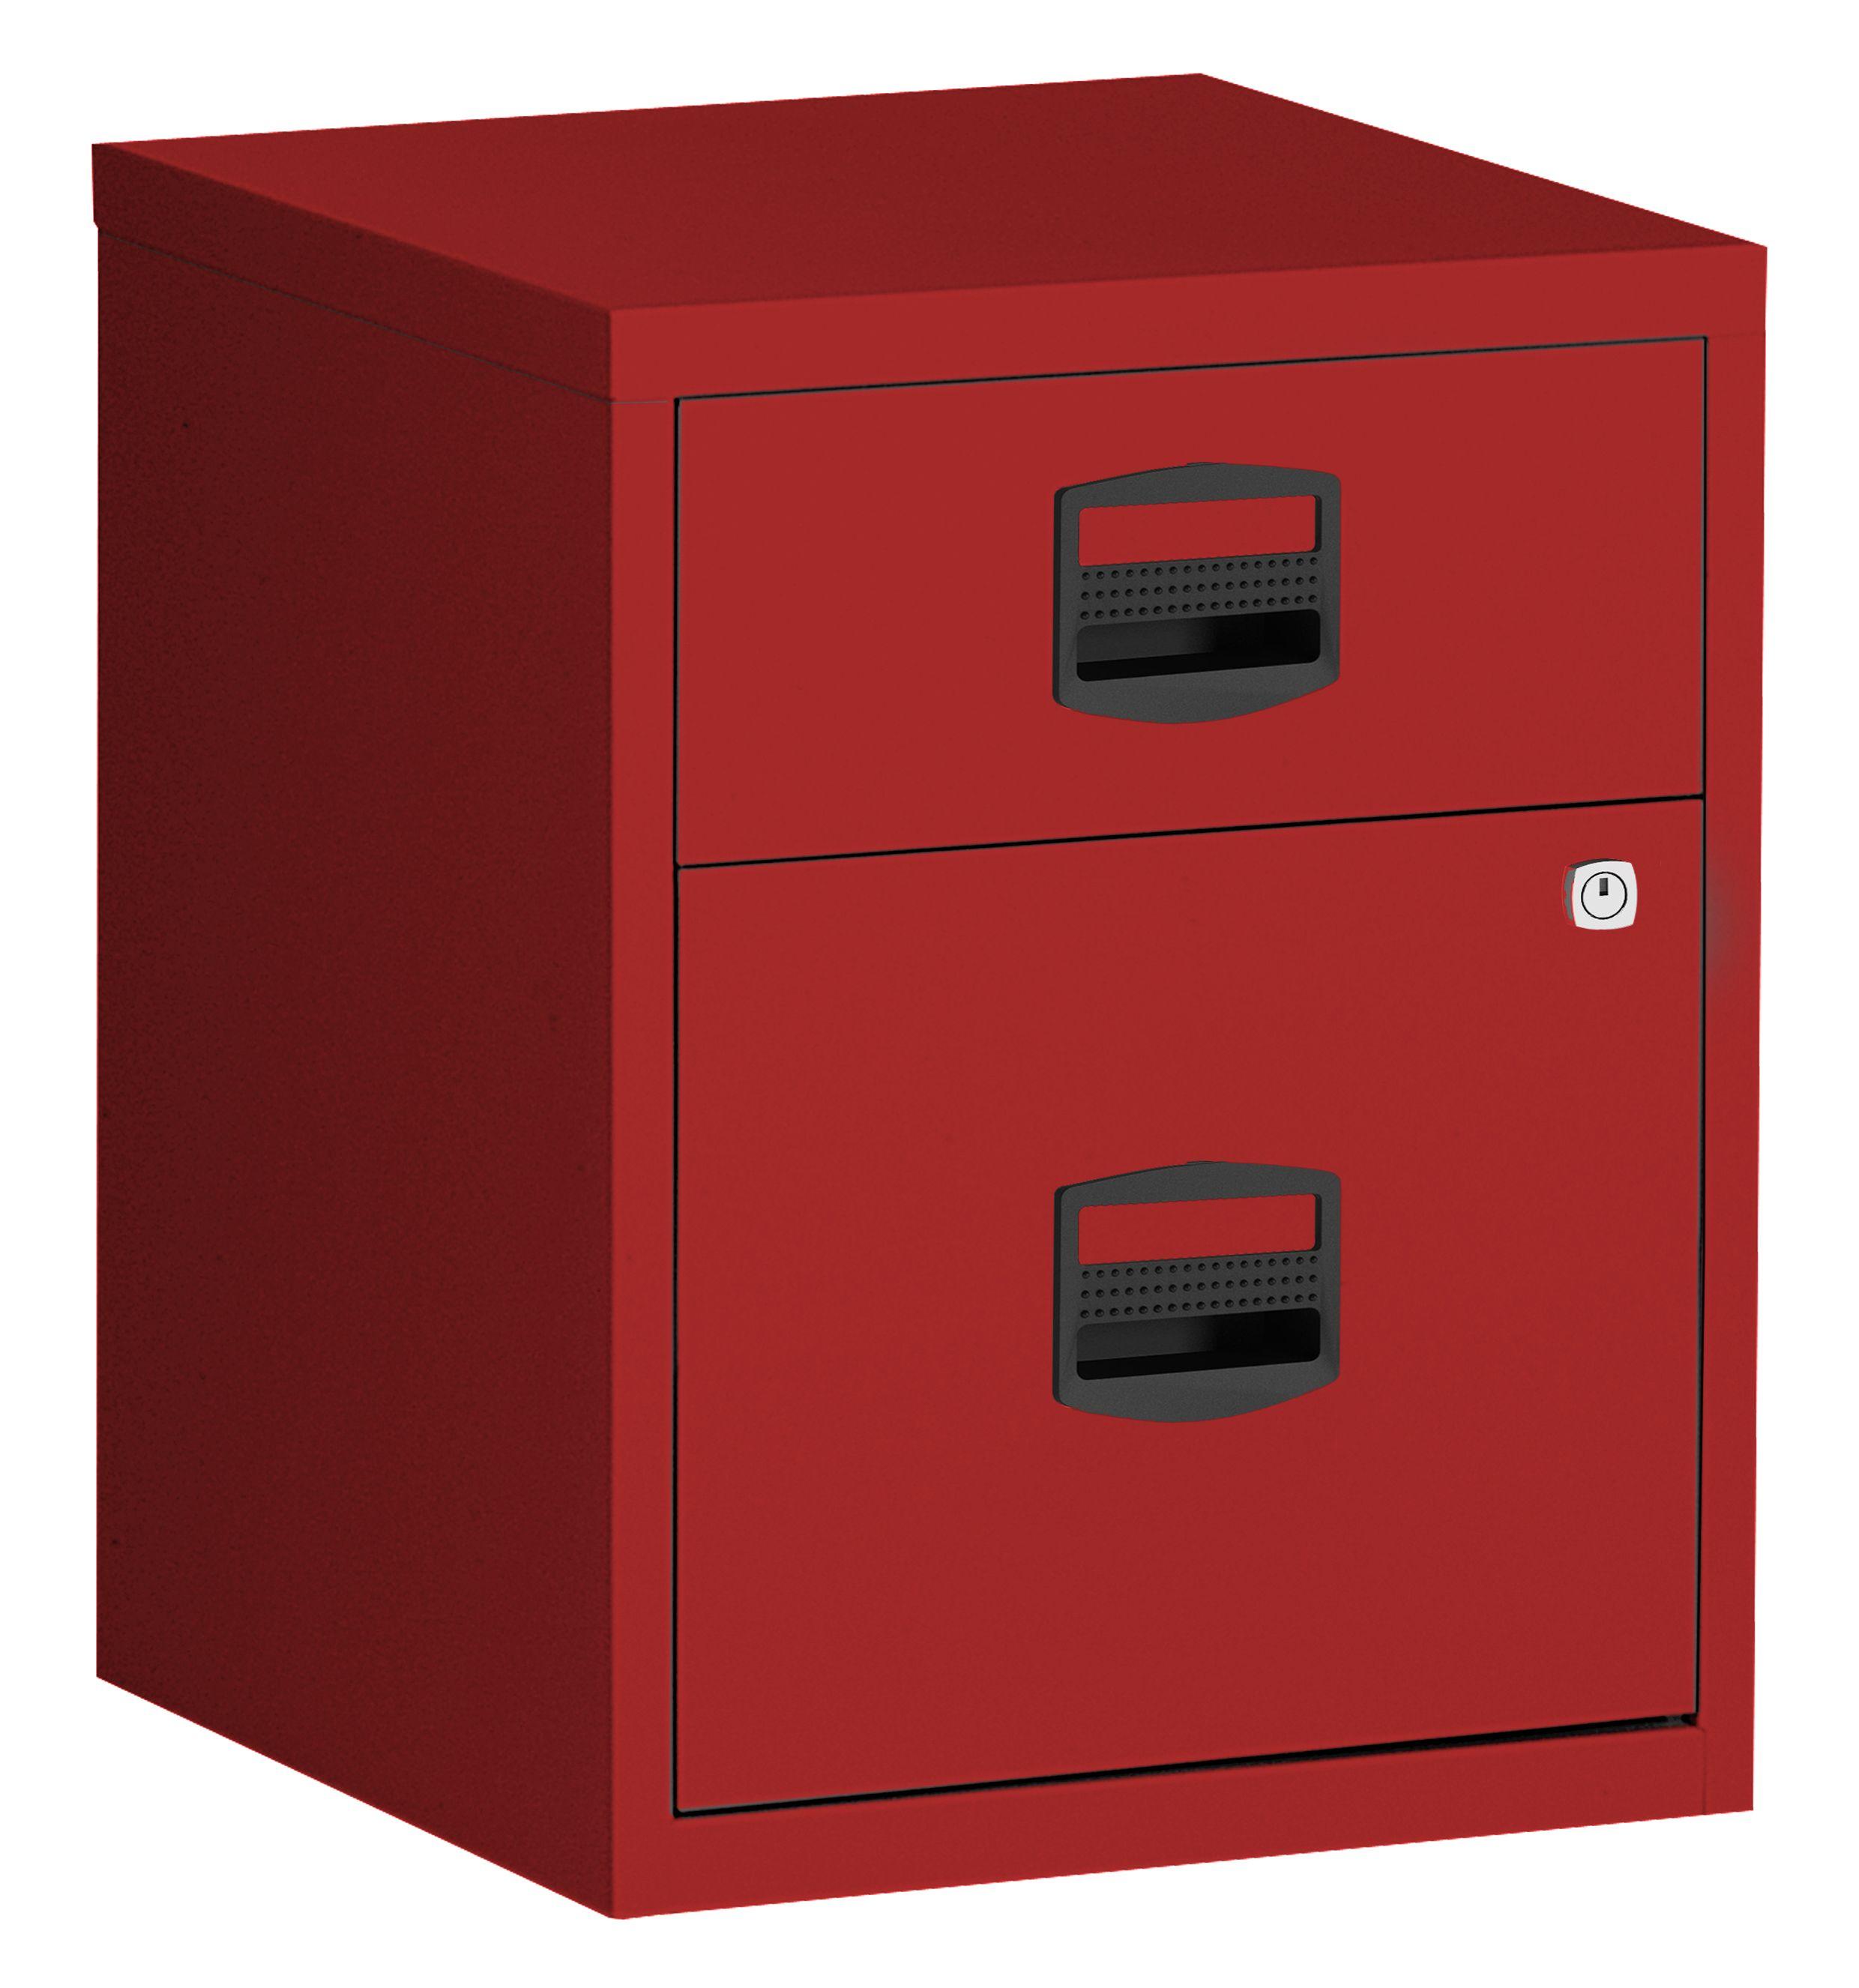 Caisson mobile métallique monobloc - H52 x L41 x P40 cm - 2 tiroirs - rouge